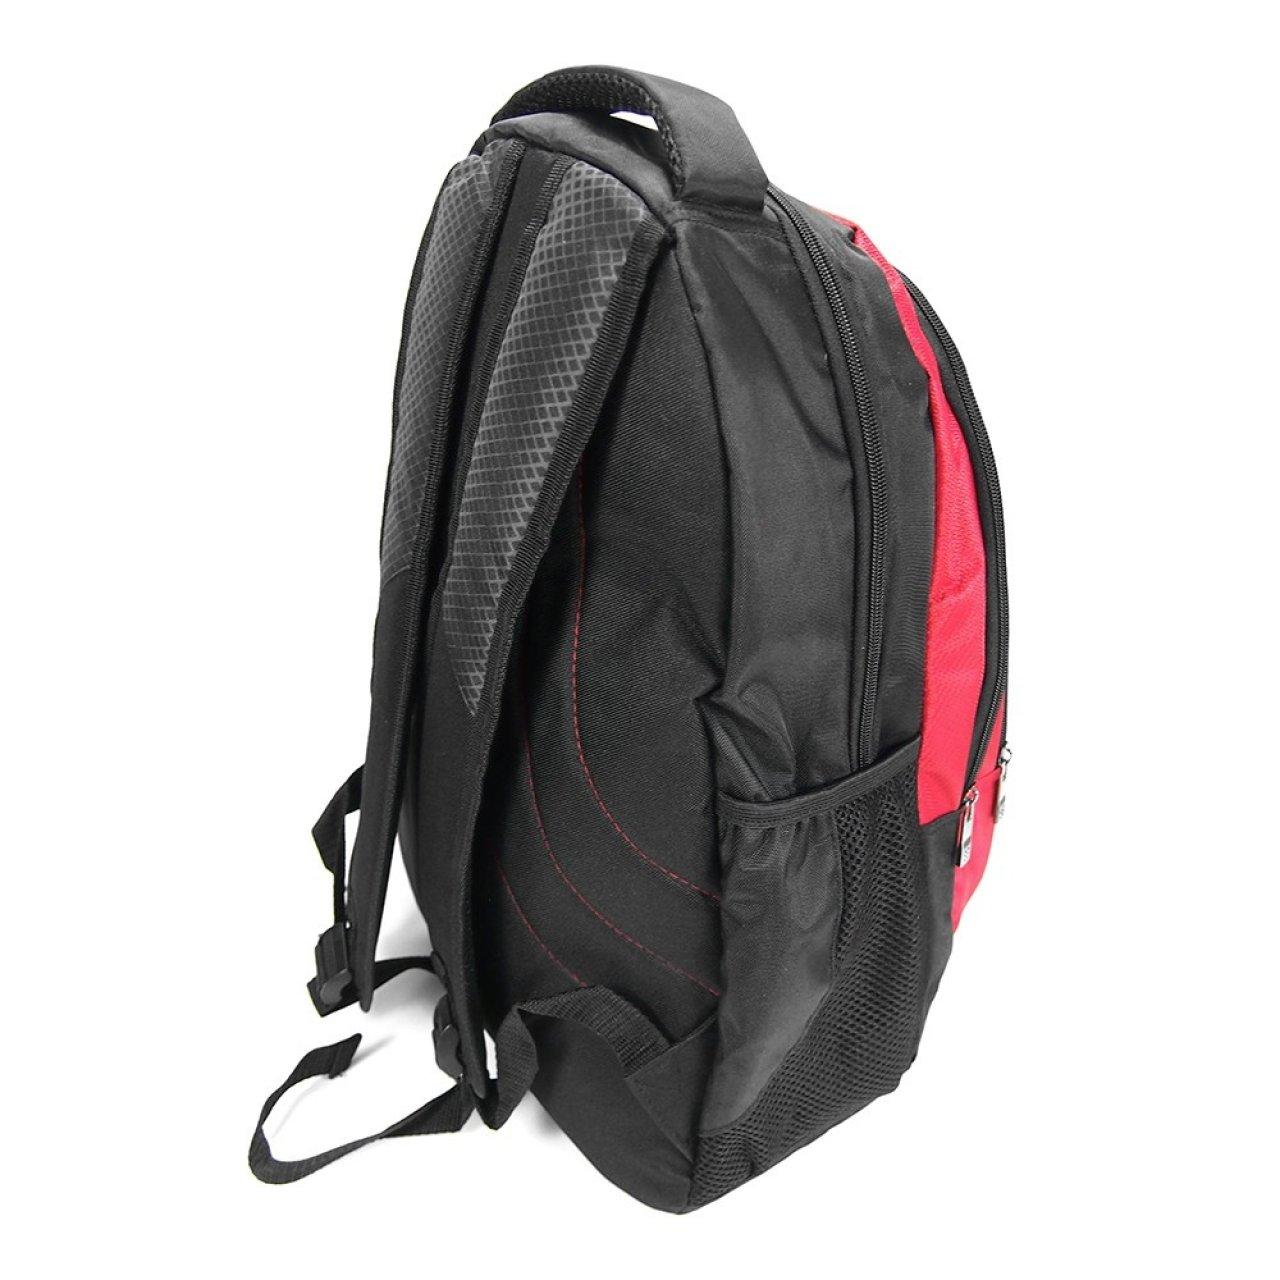 ba89d6e4da3 Sportovní batoh Enrico Benetti 47095 - červená